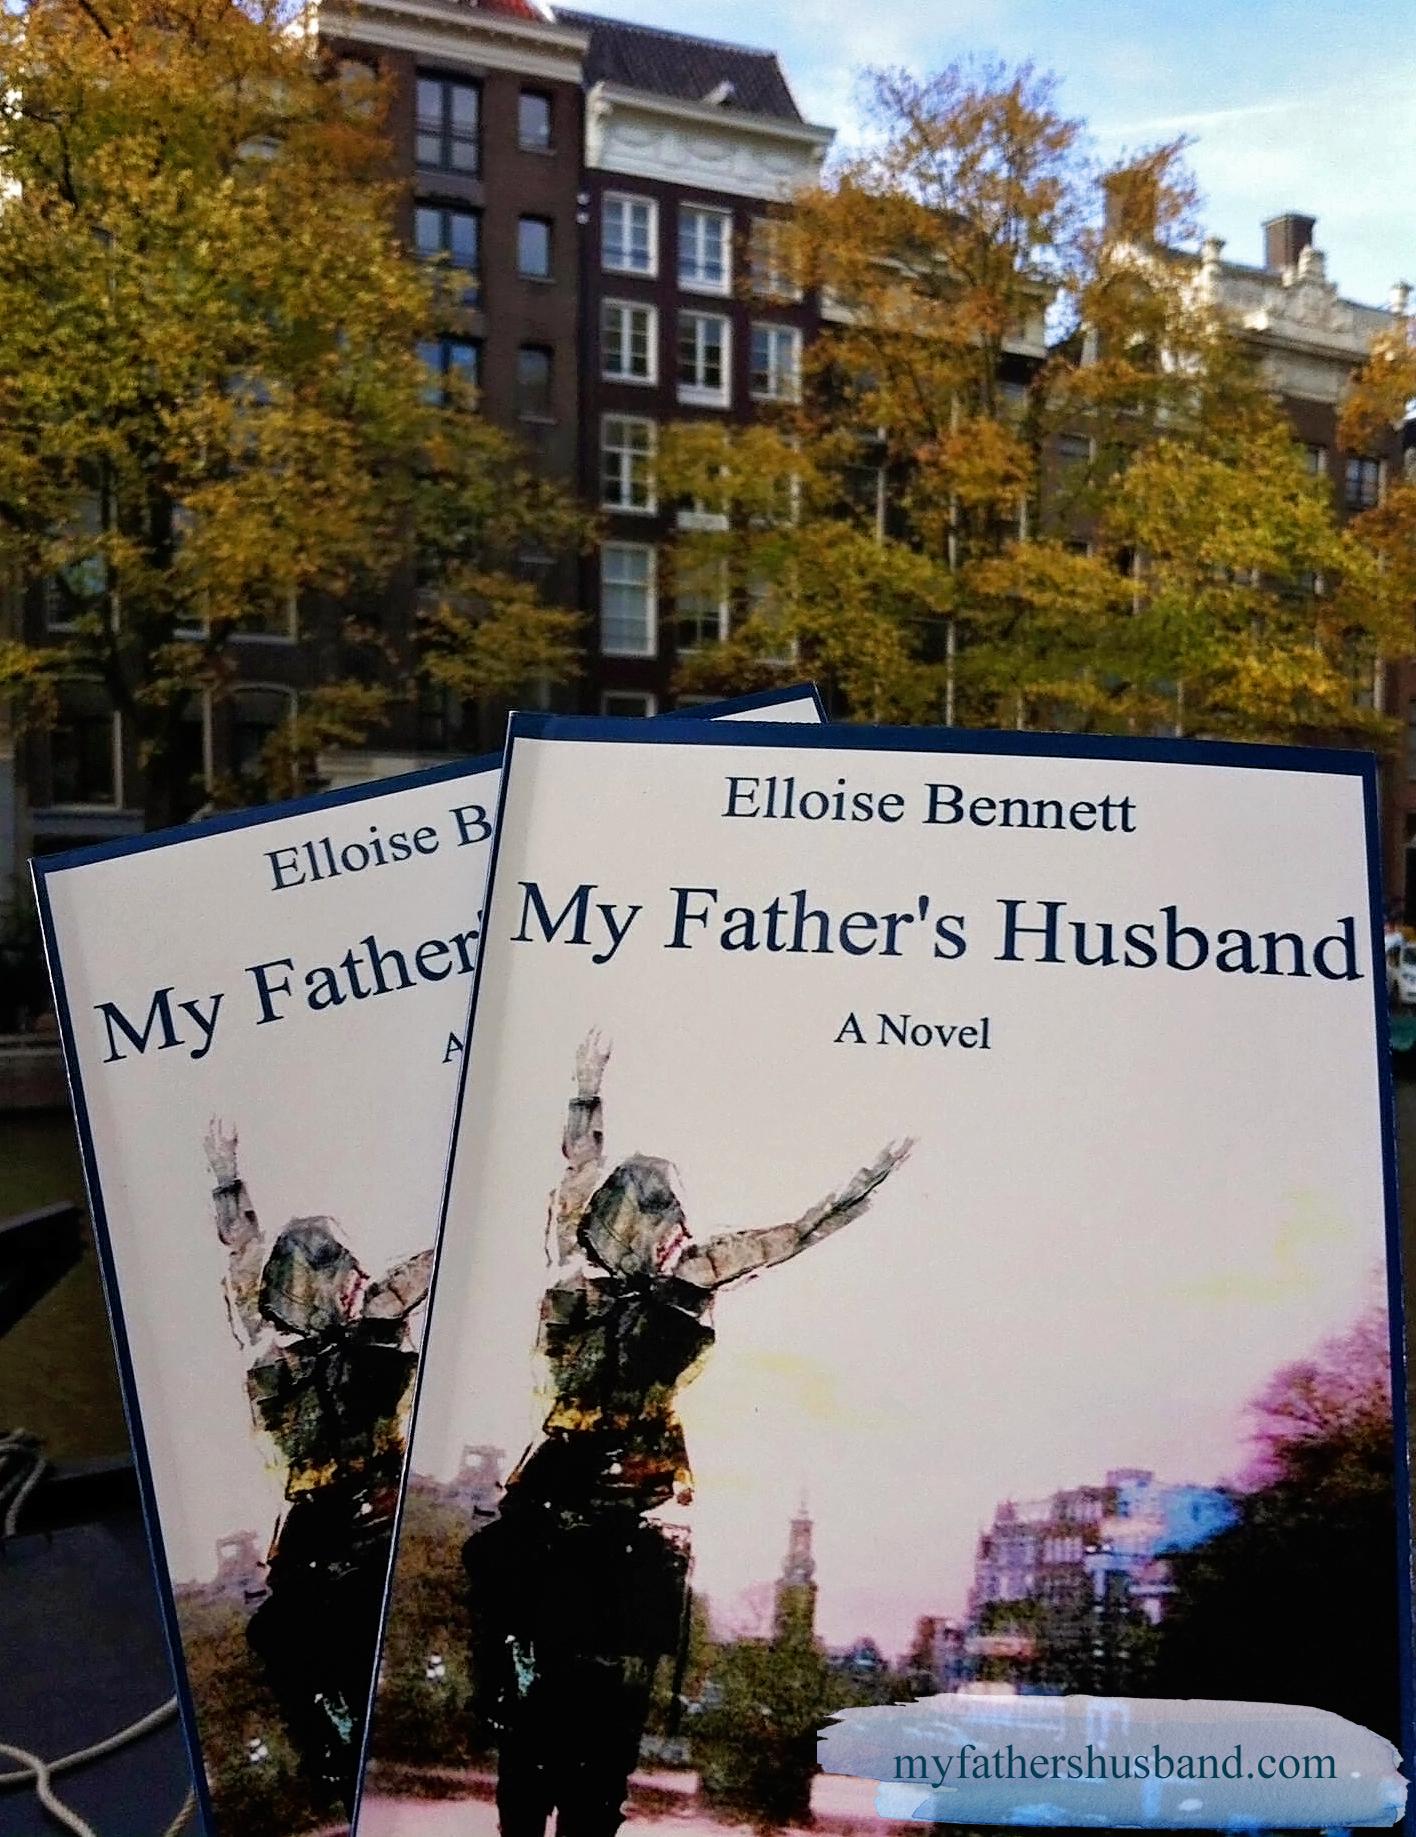 My Father's Husband Amsterddam myfathershusband.com